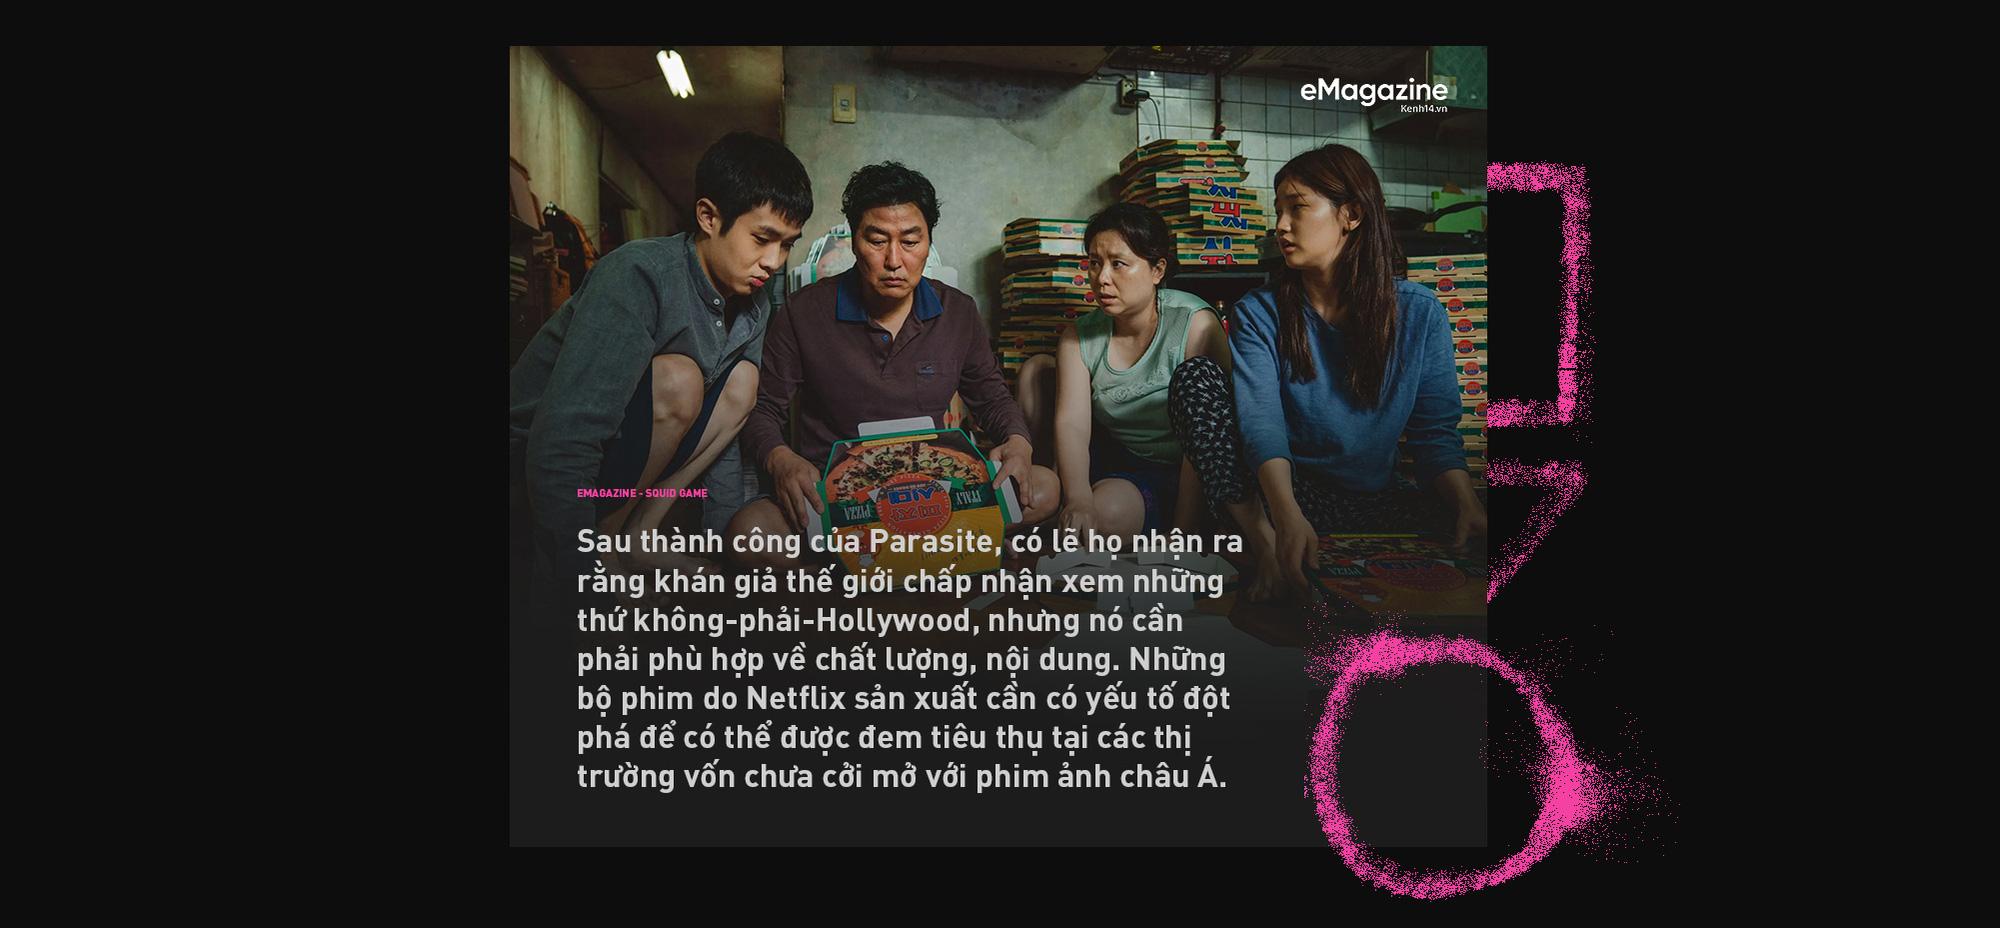 Squid Game - cuộc chiến máu bọc đường thành hiện tượng toàn cầu và tham vọng đổi mới bộ mặt phim Hàn của Netflix - Ảnh 12.